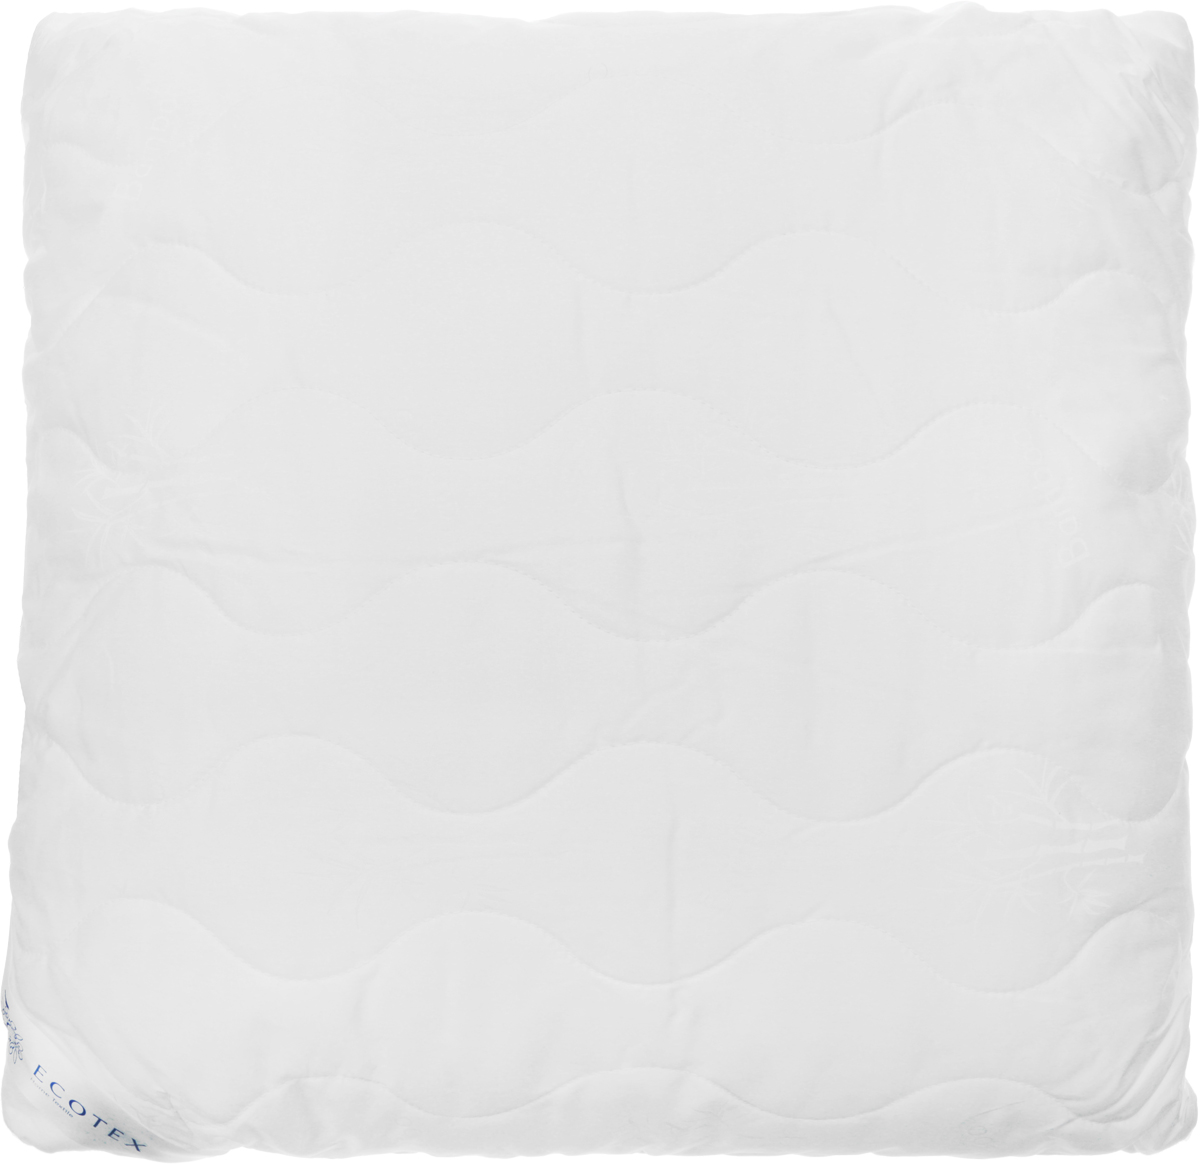 Подушка Ecotex Бамбук - Роял, наполнитель: пух, полиэстер, 68 х 68 см подушка ecotex эдда наполнитель пух 68 х 68 см